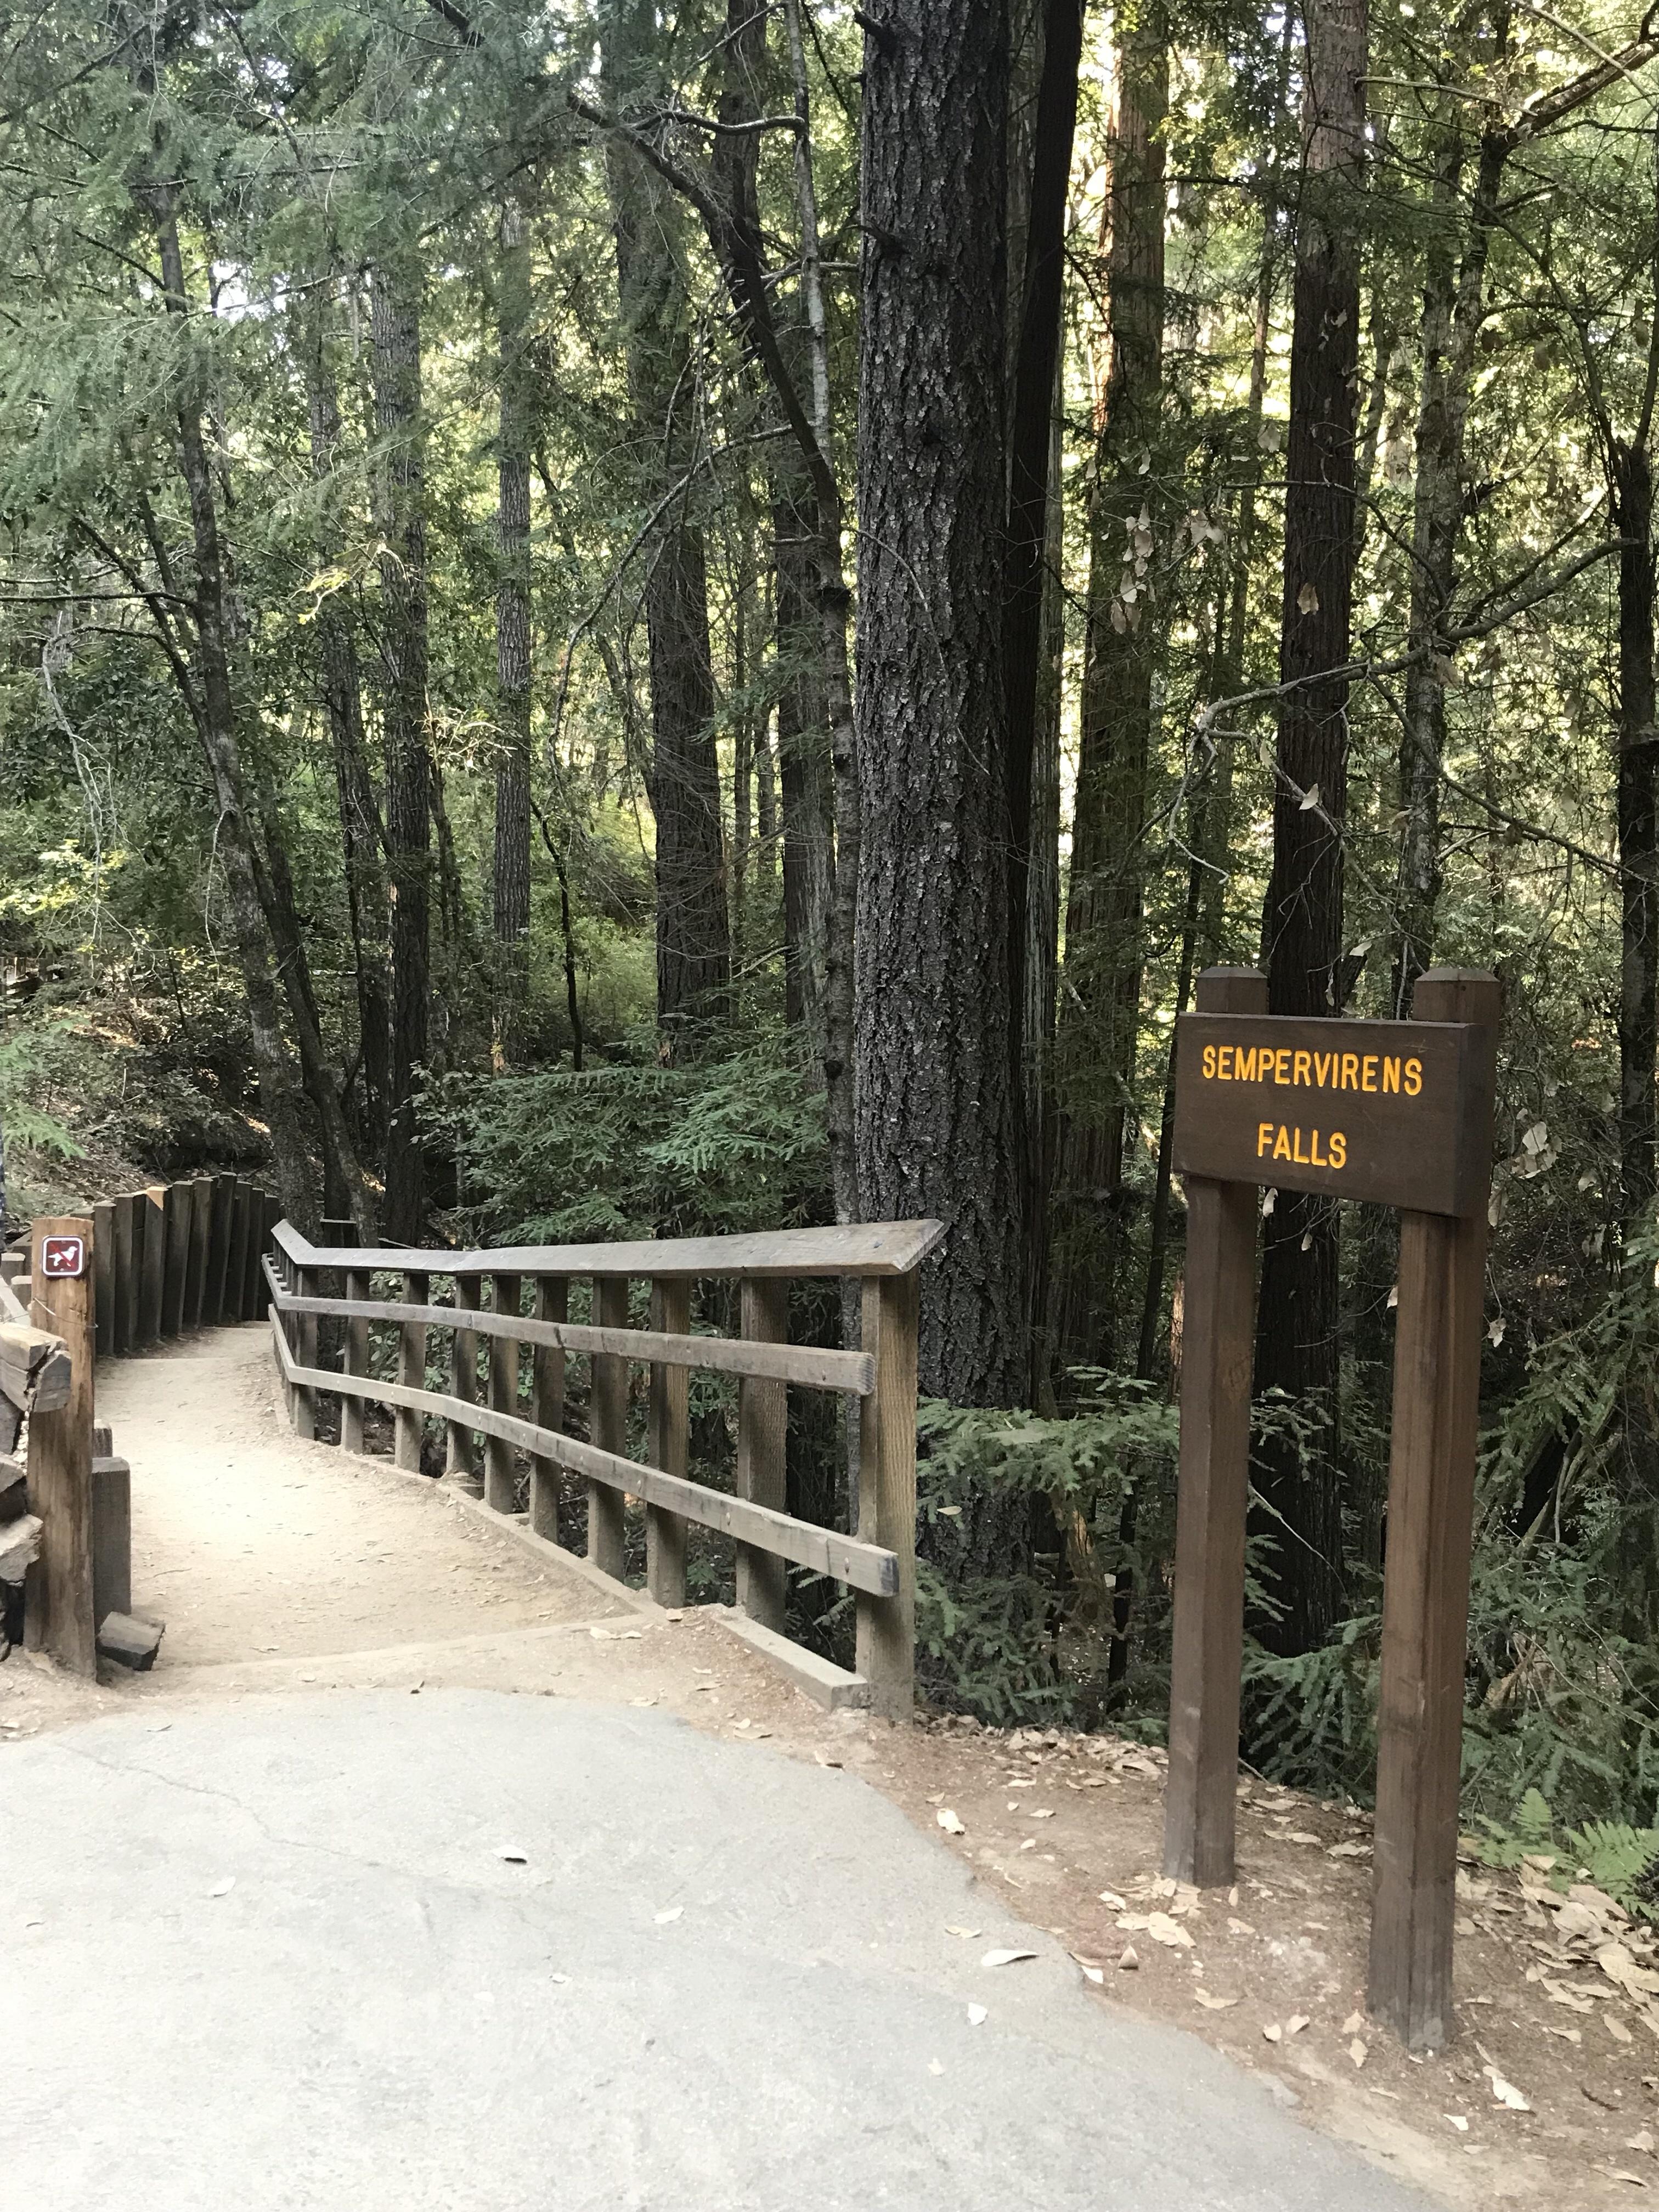 Sempervirens Falls sign at Big Basin Park California